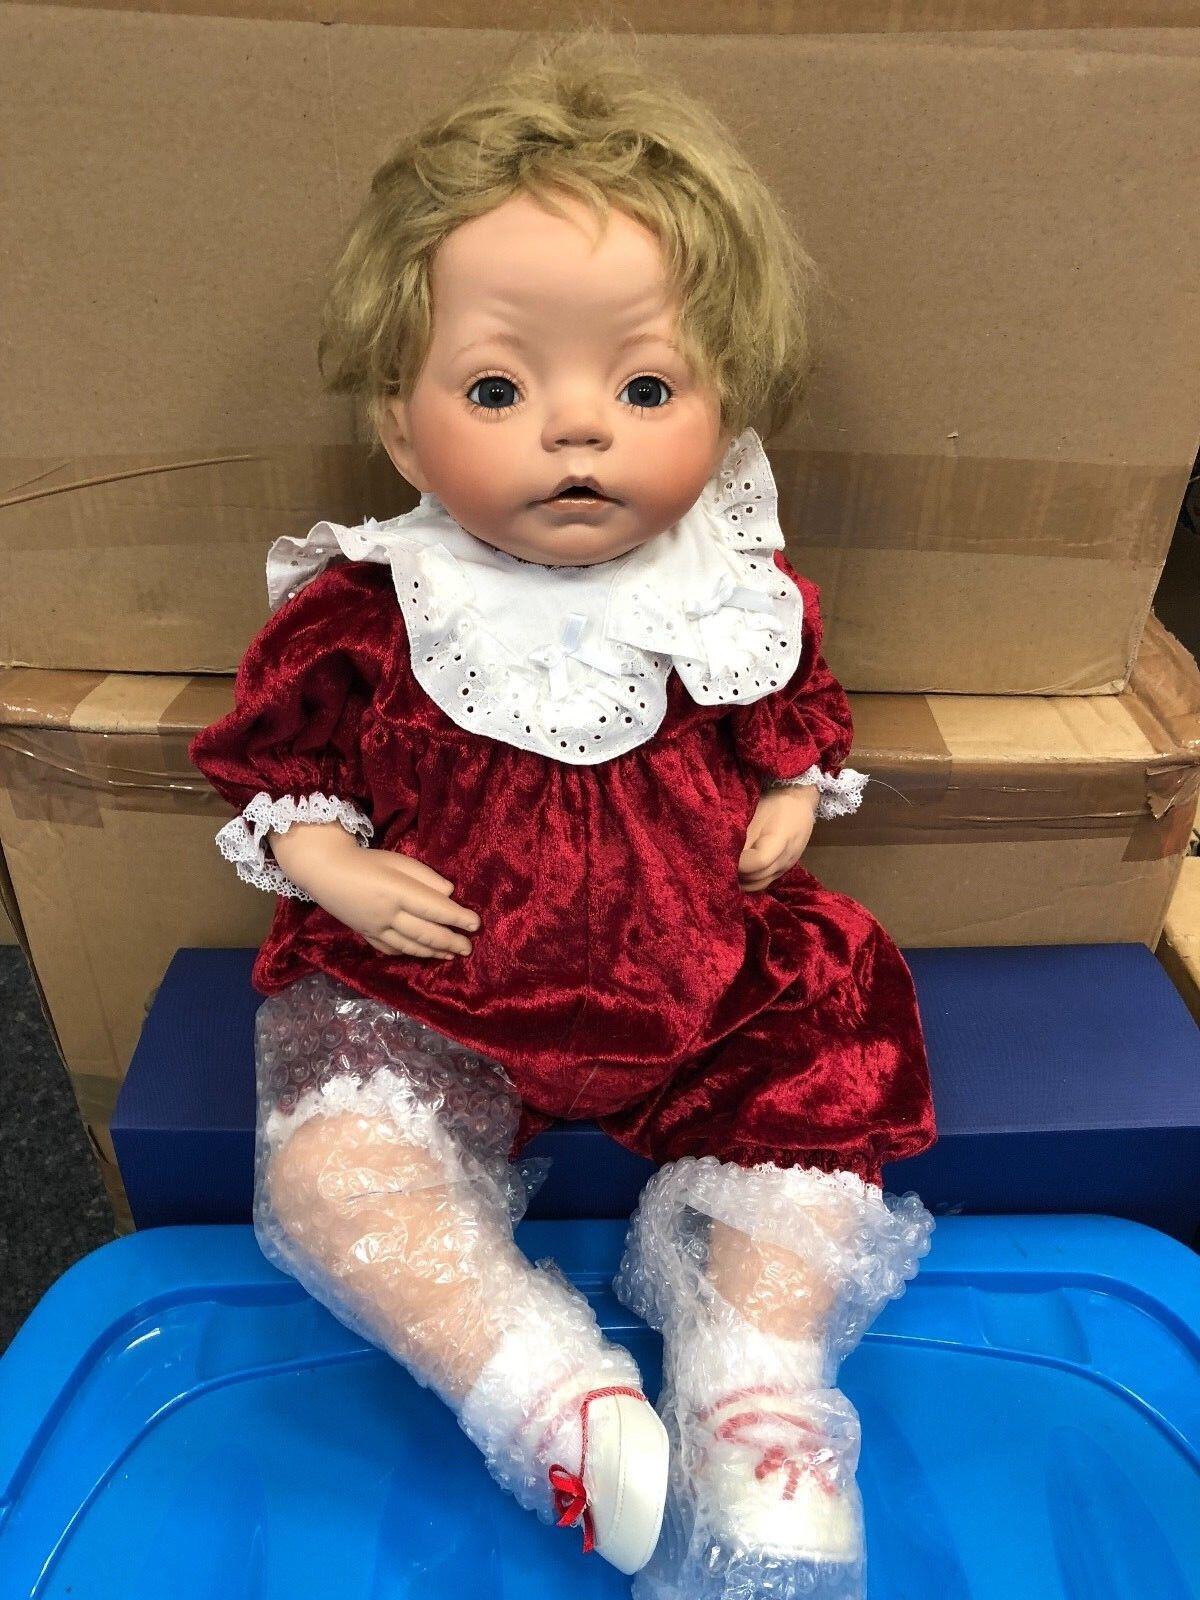 Dianna Effner ⭐⭐ bambola di porcellana 62 cm. ⭐⭐ ottimo stato